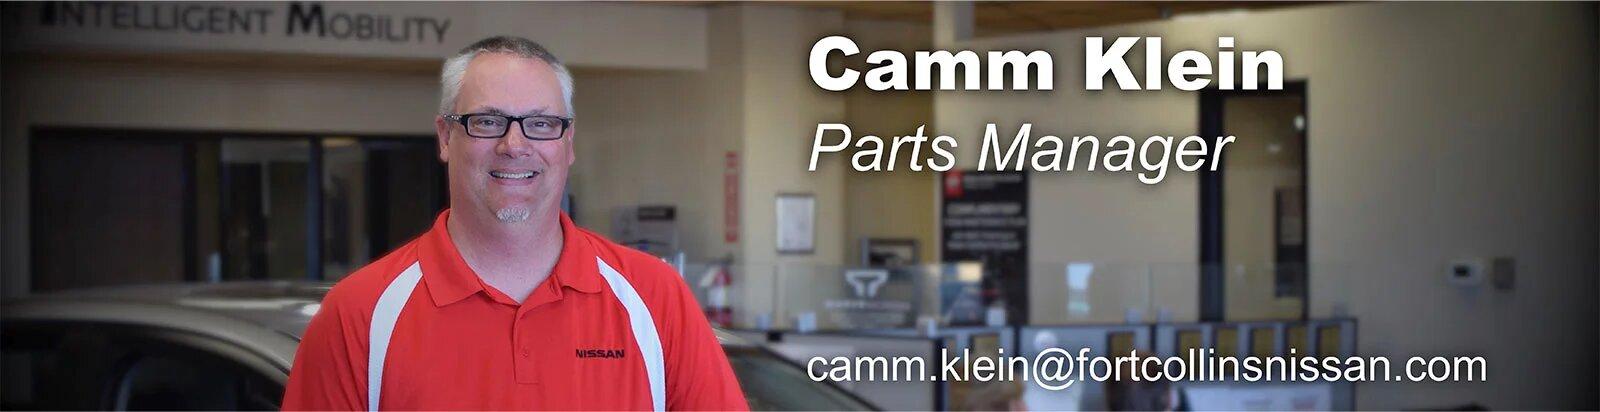 Parts Manager Camm Klein